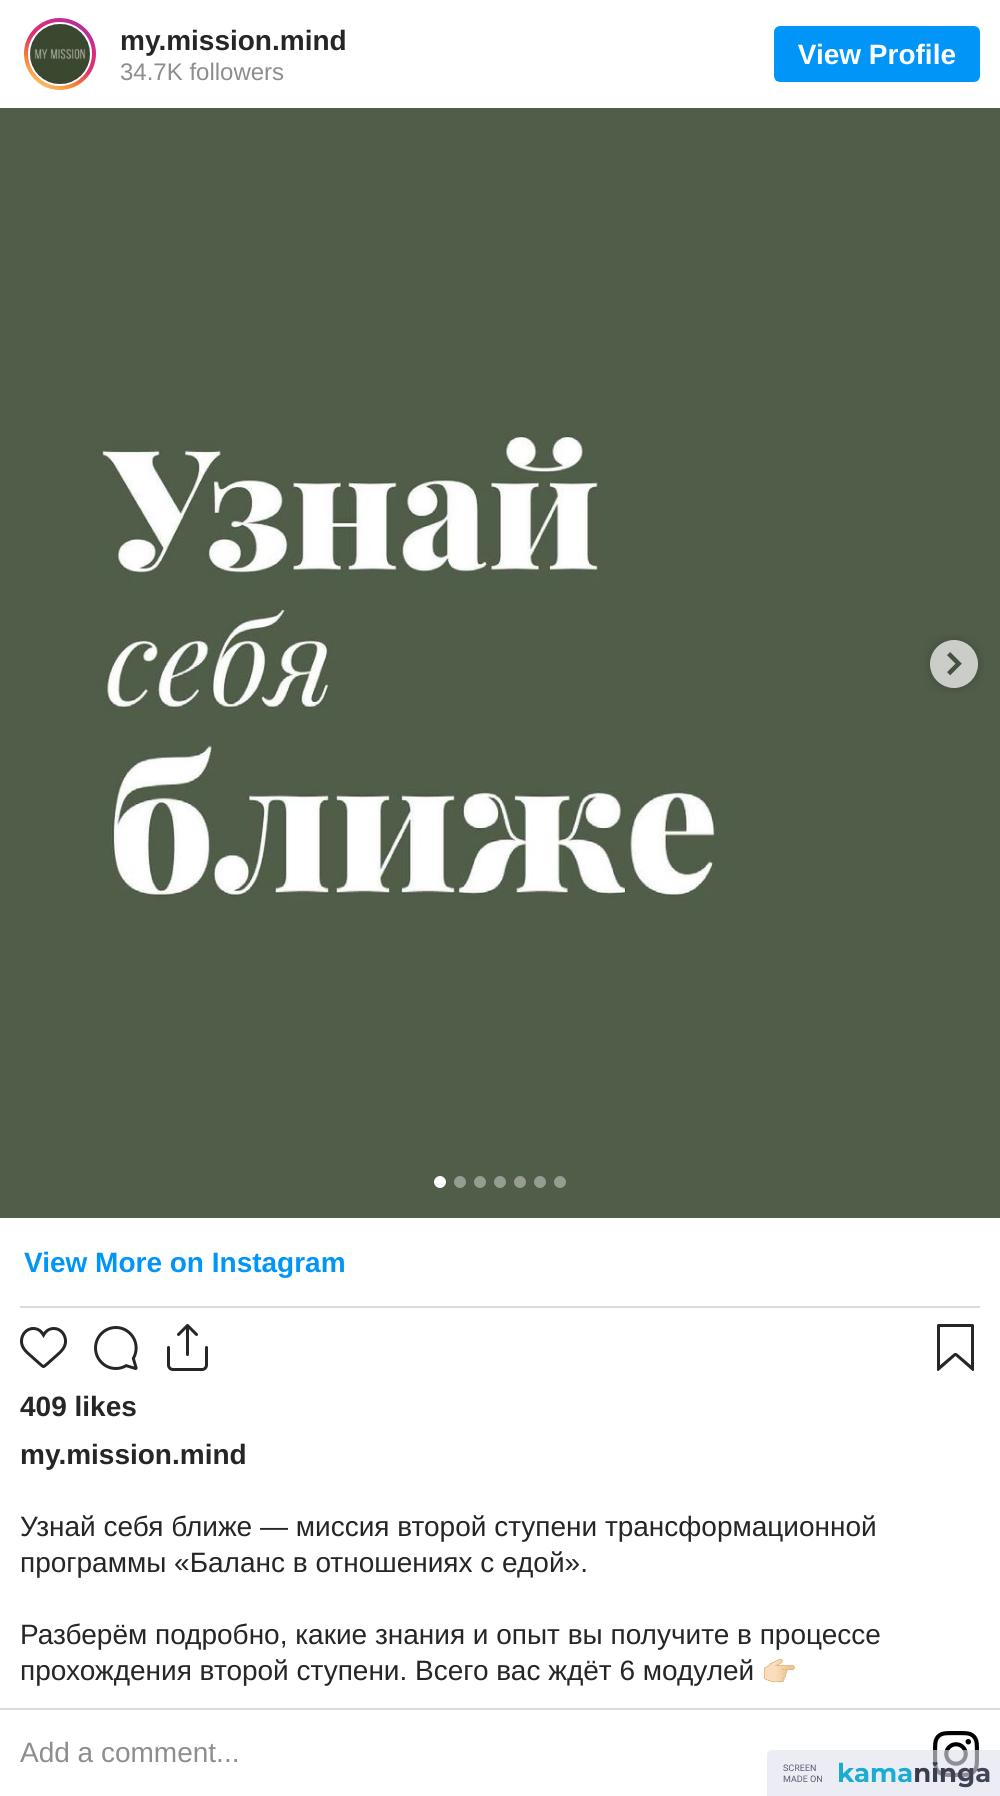 https://www.instagram.com/p/CRBt_l2nr1V/